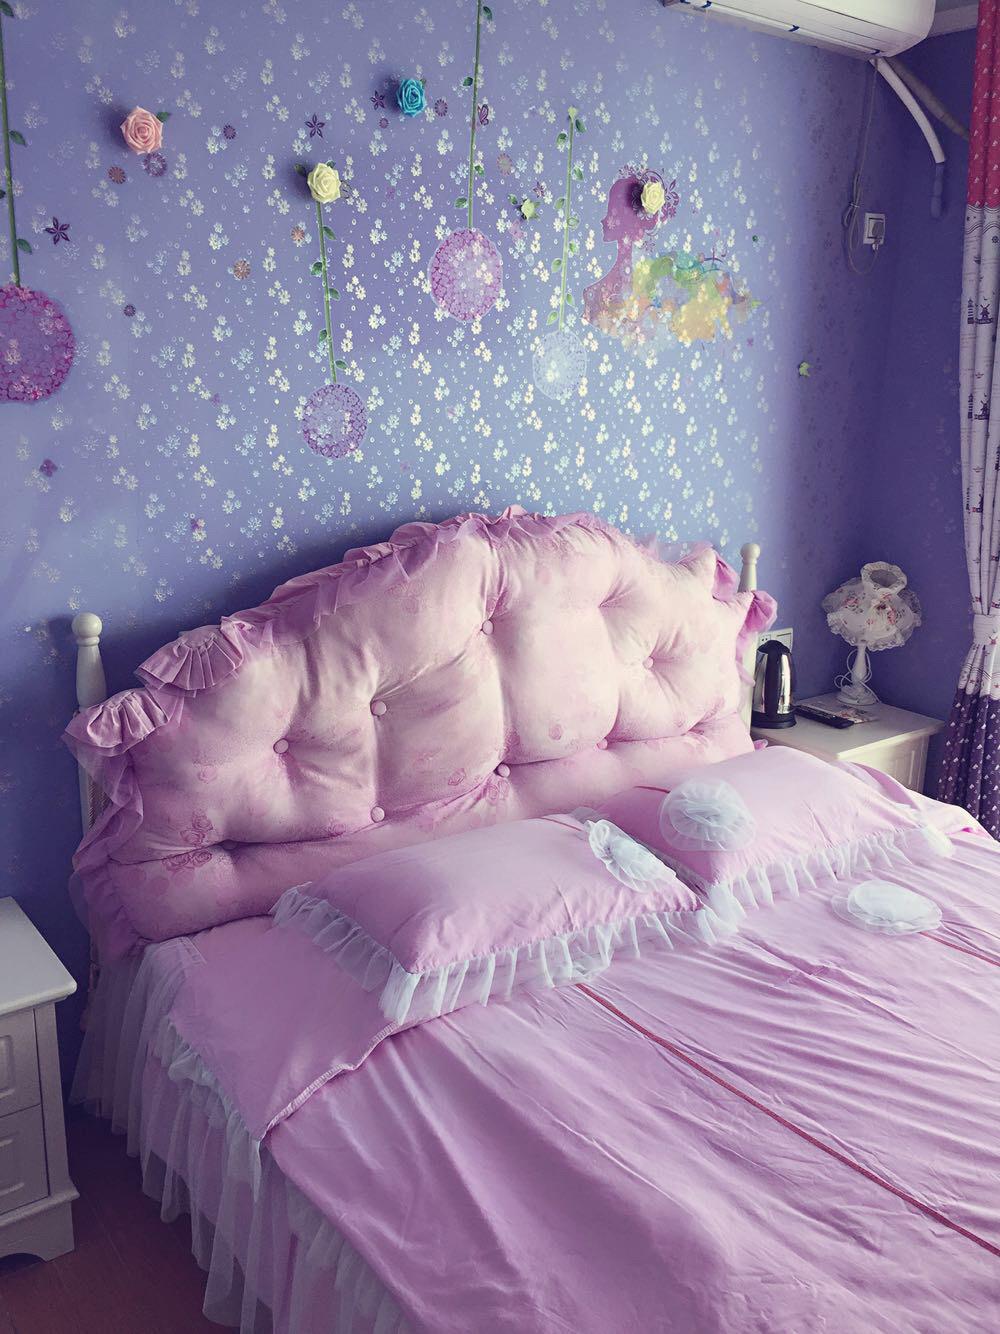 晚上家庭卧室真实照片